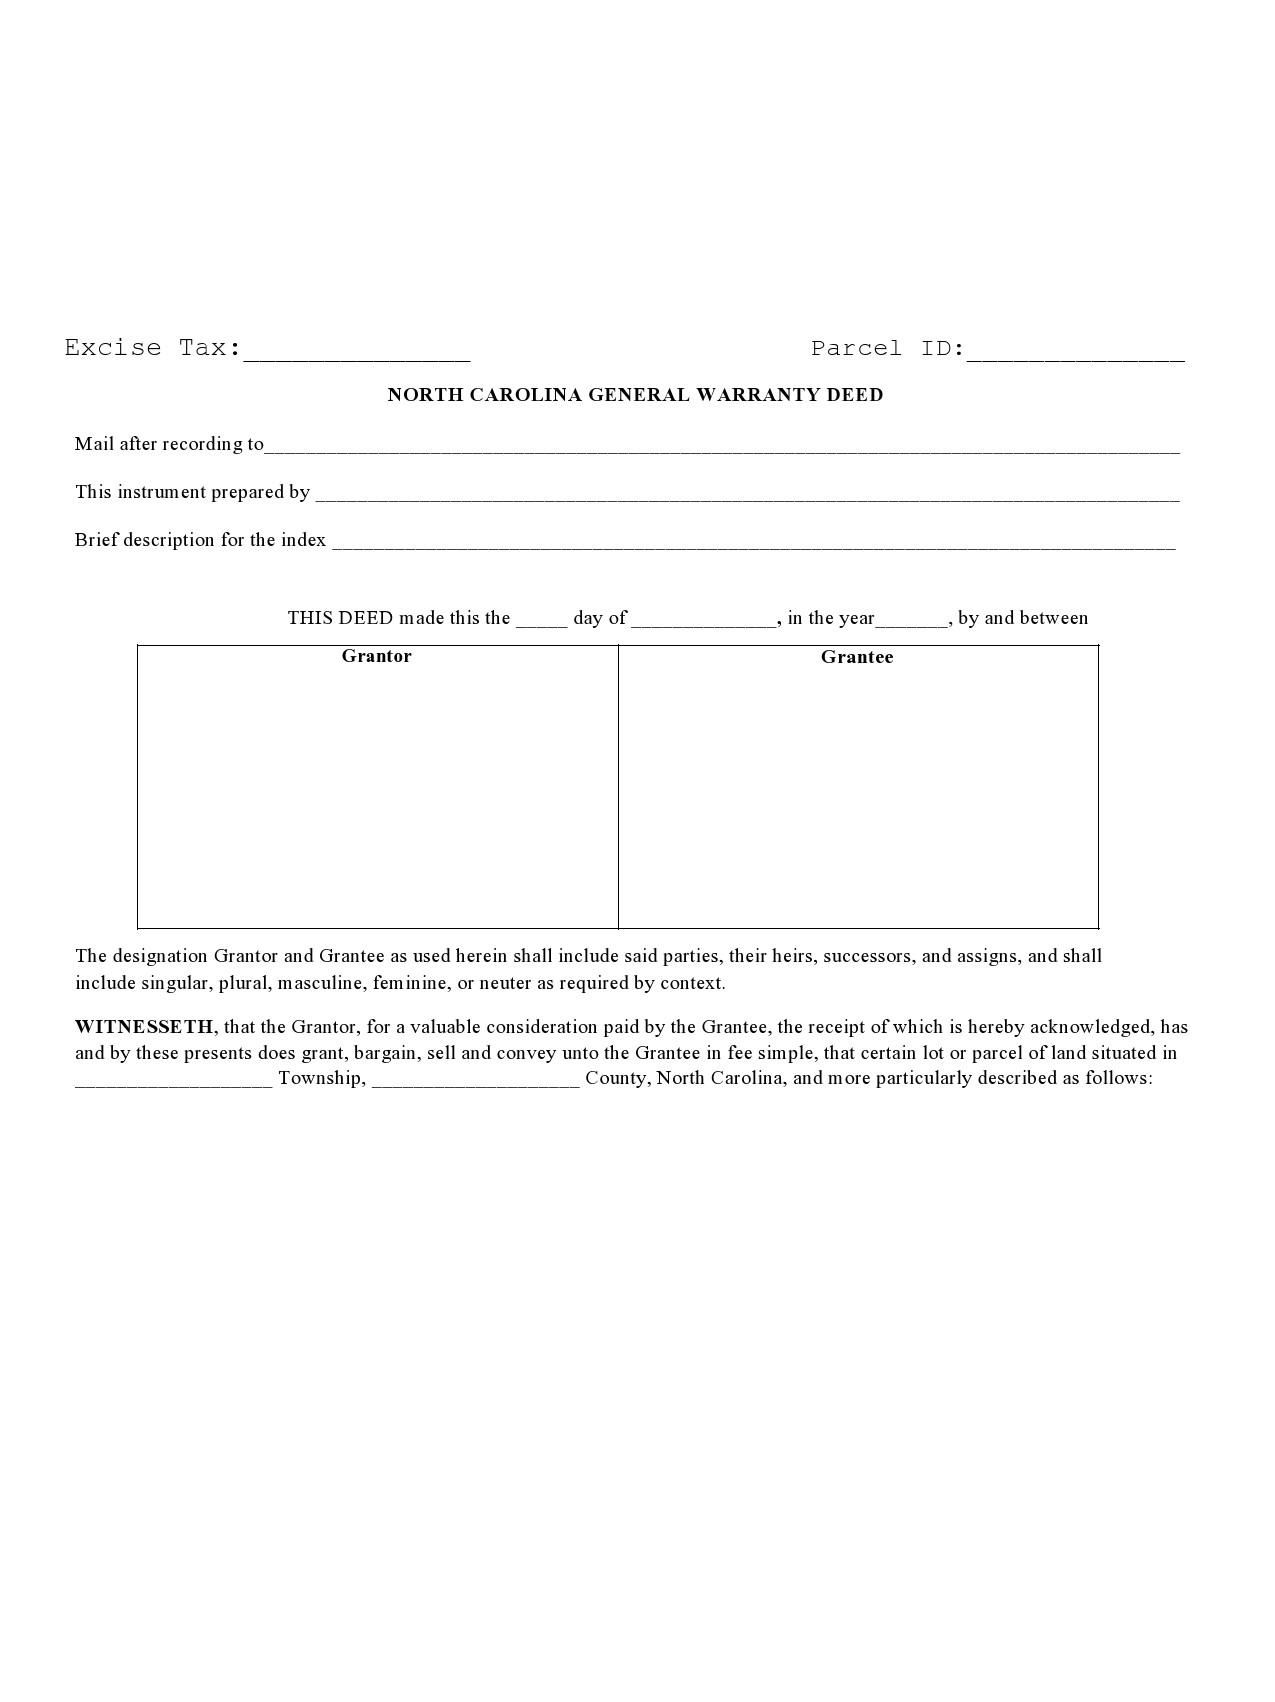 Free warranty deed form 01